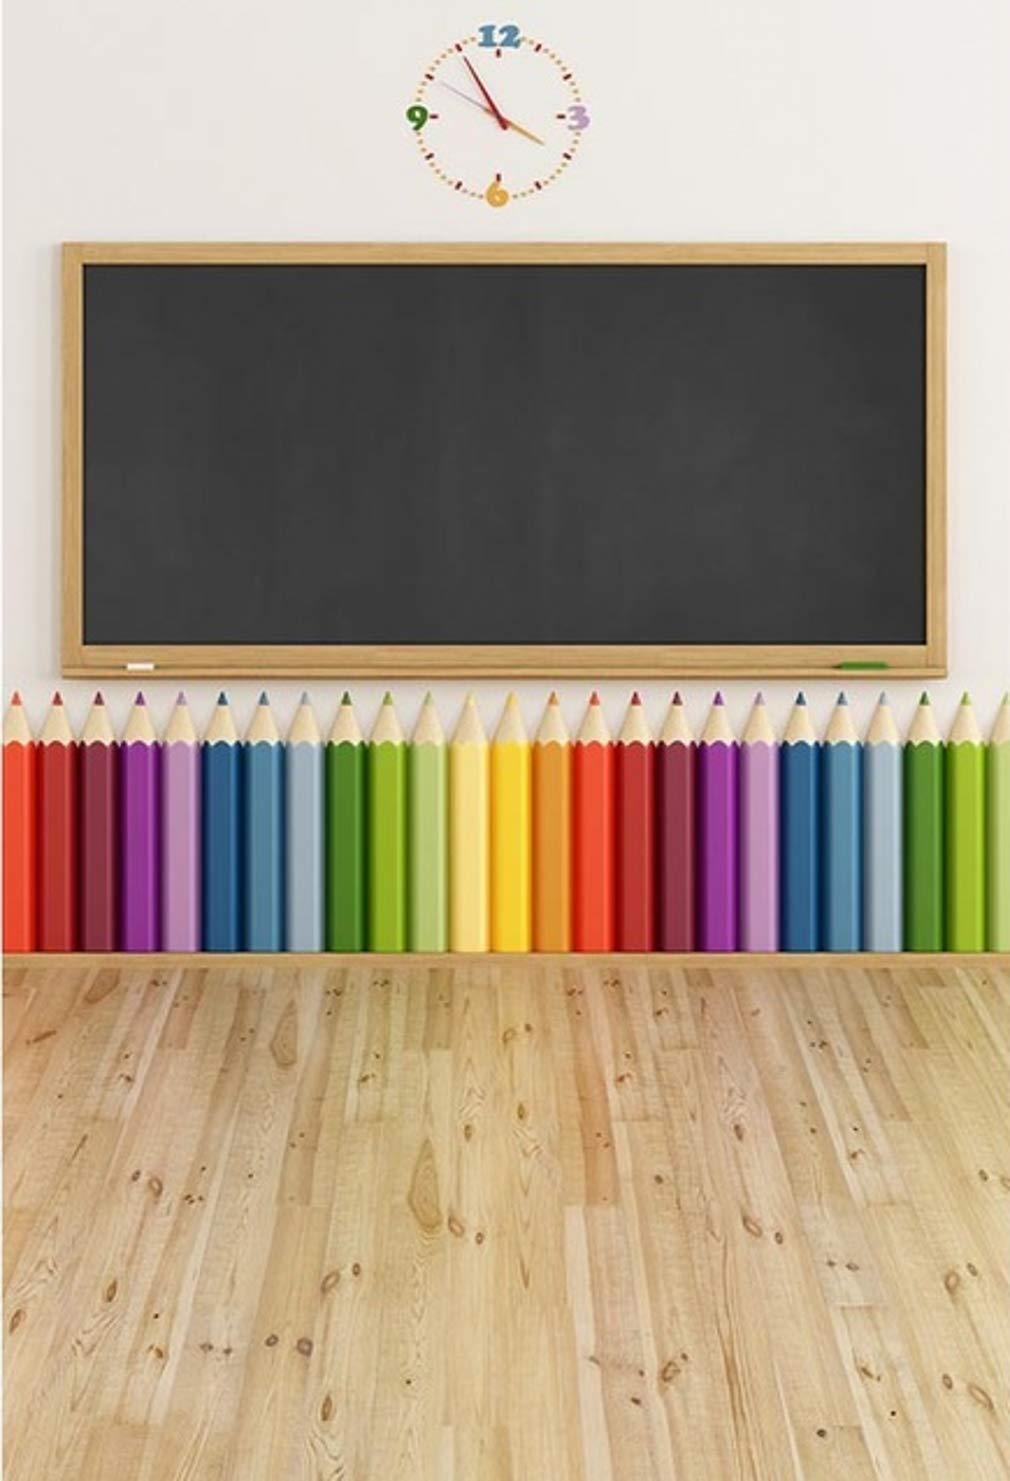 写真スタジオ用背景幕 黒板 上色鉛筆背景 5x7フィート   B07G758T9C